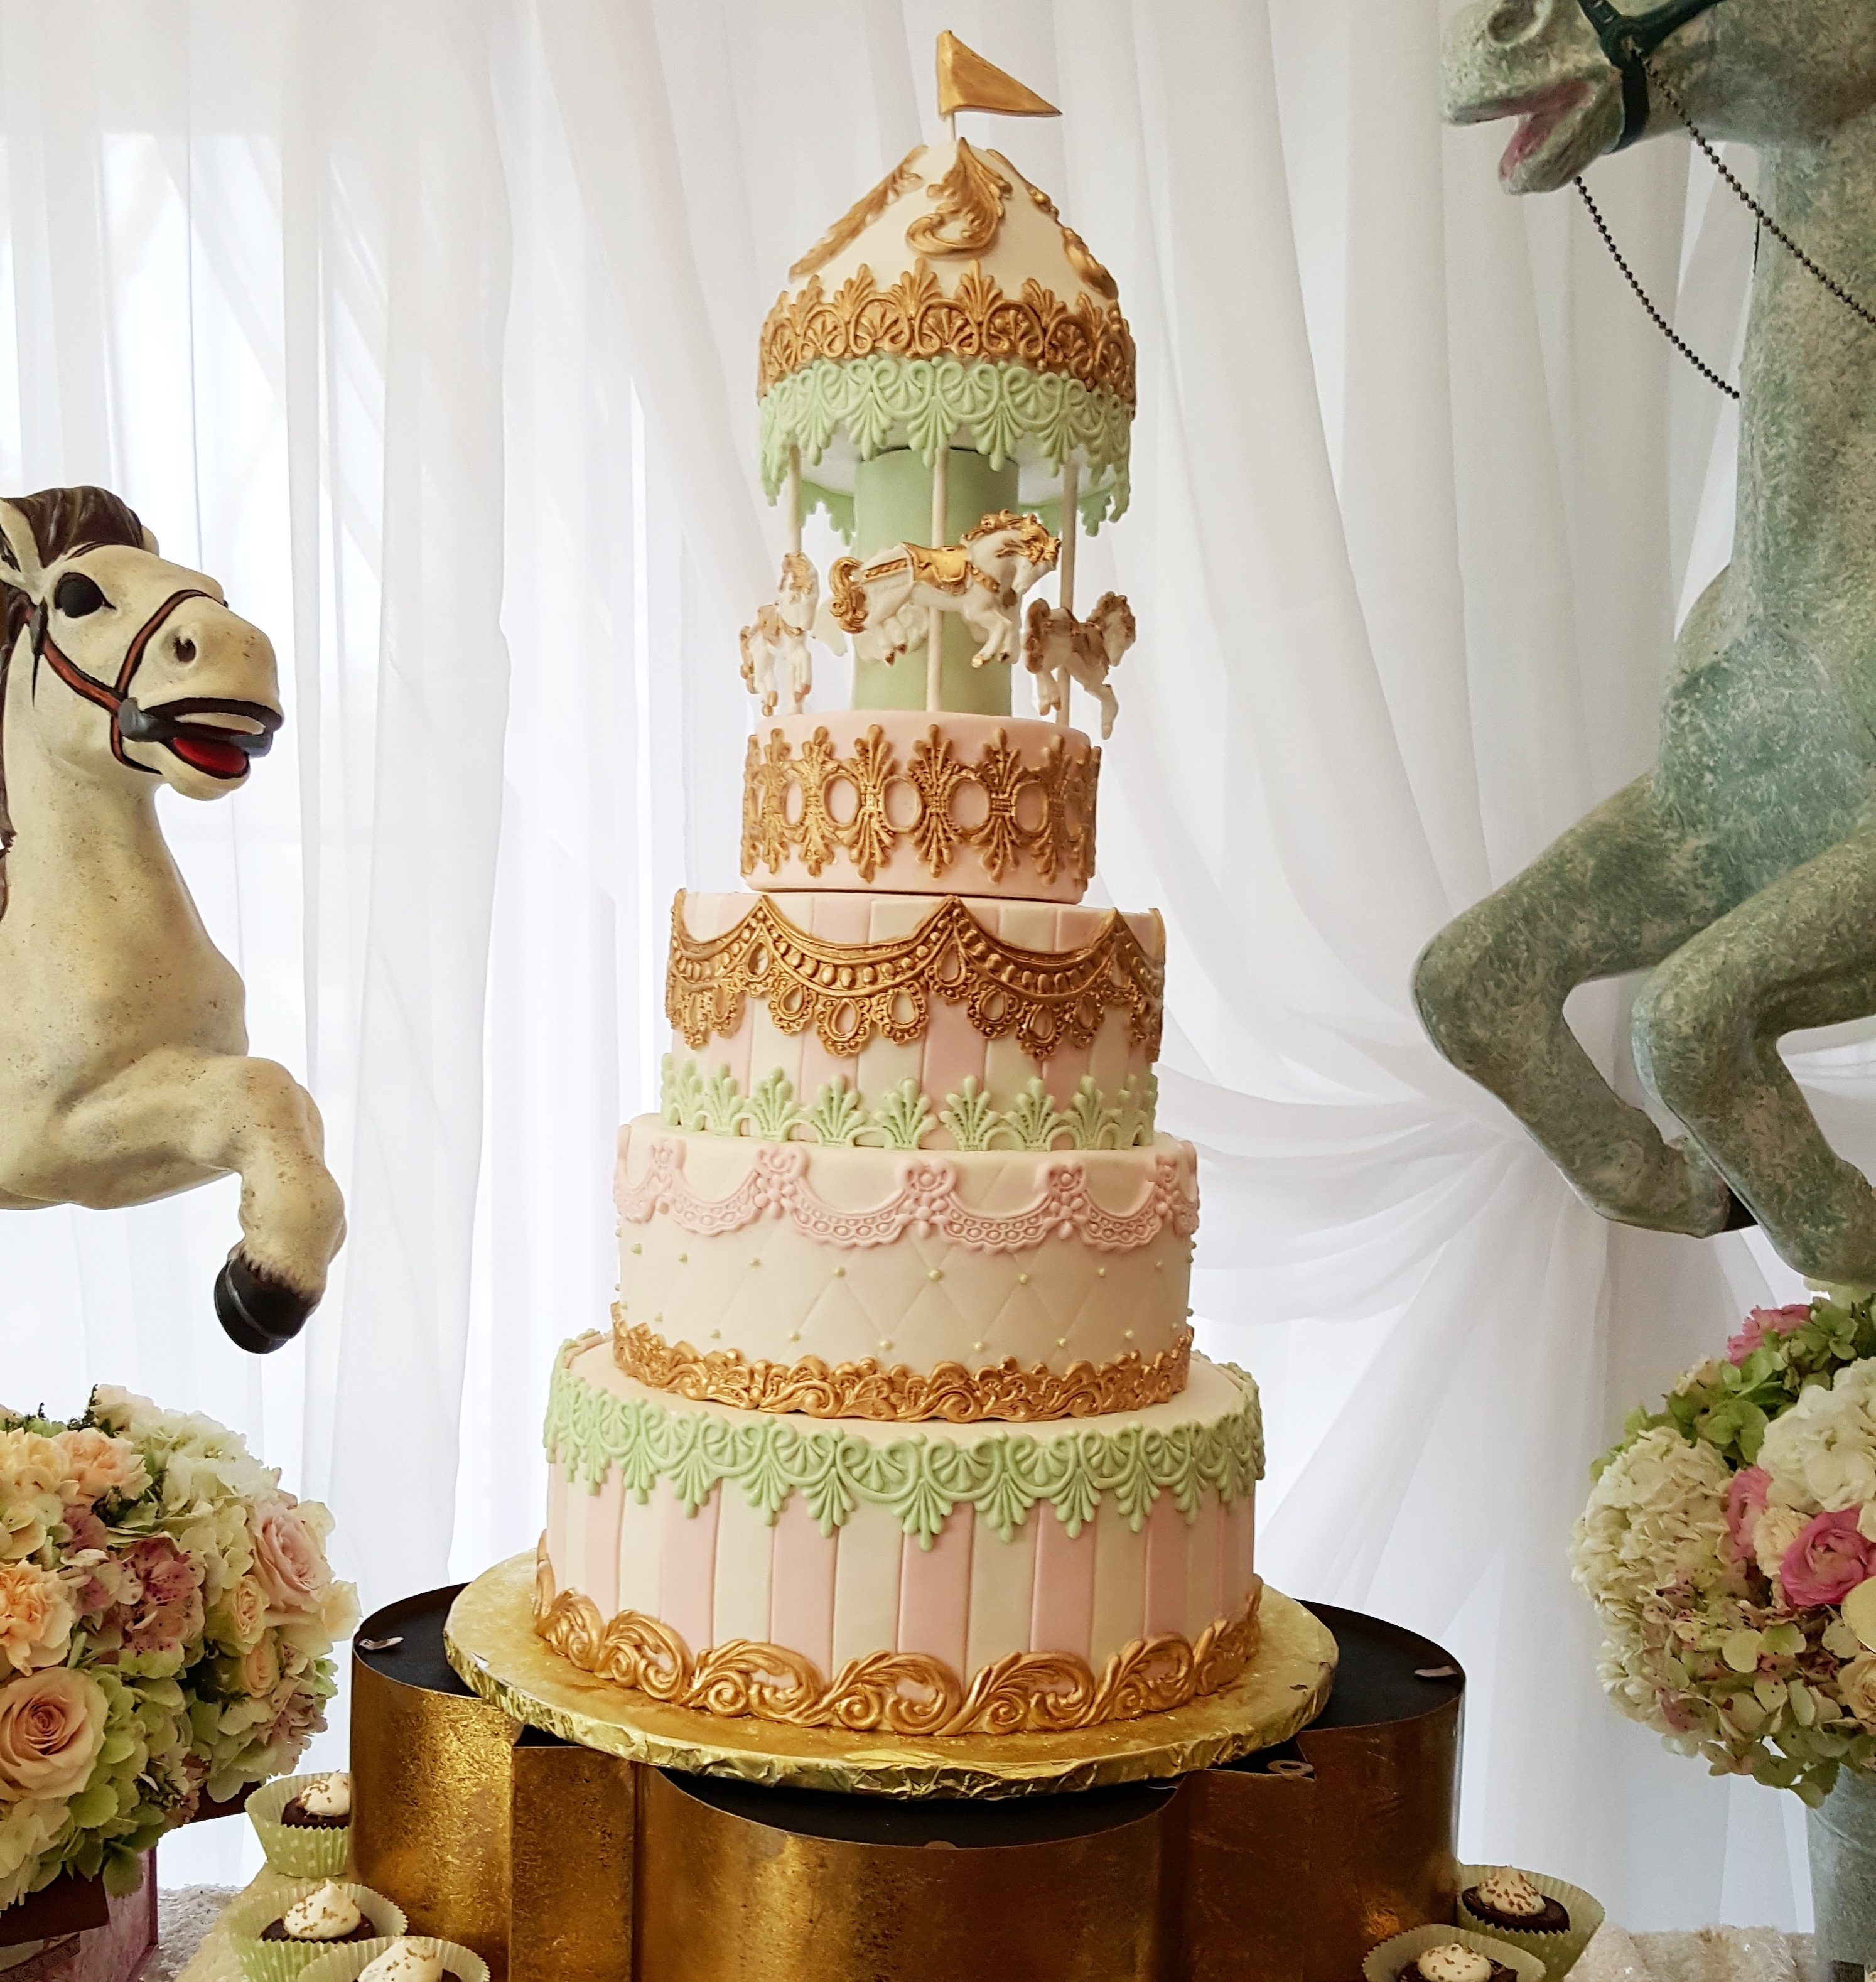 Baby carousel cake